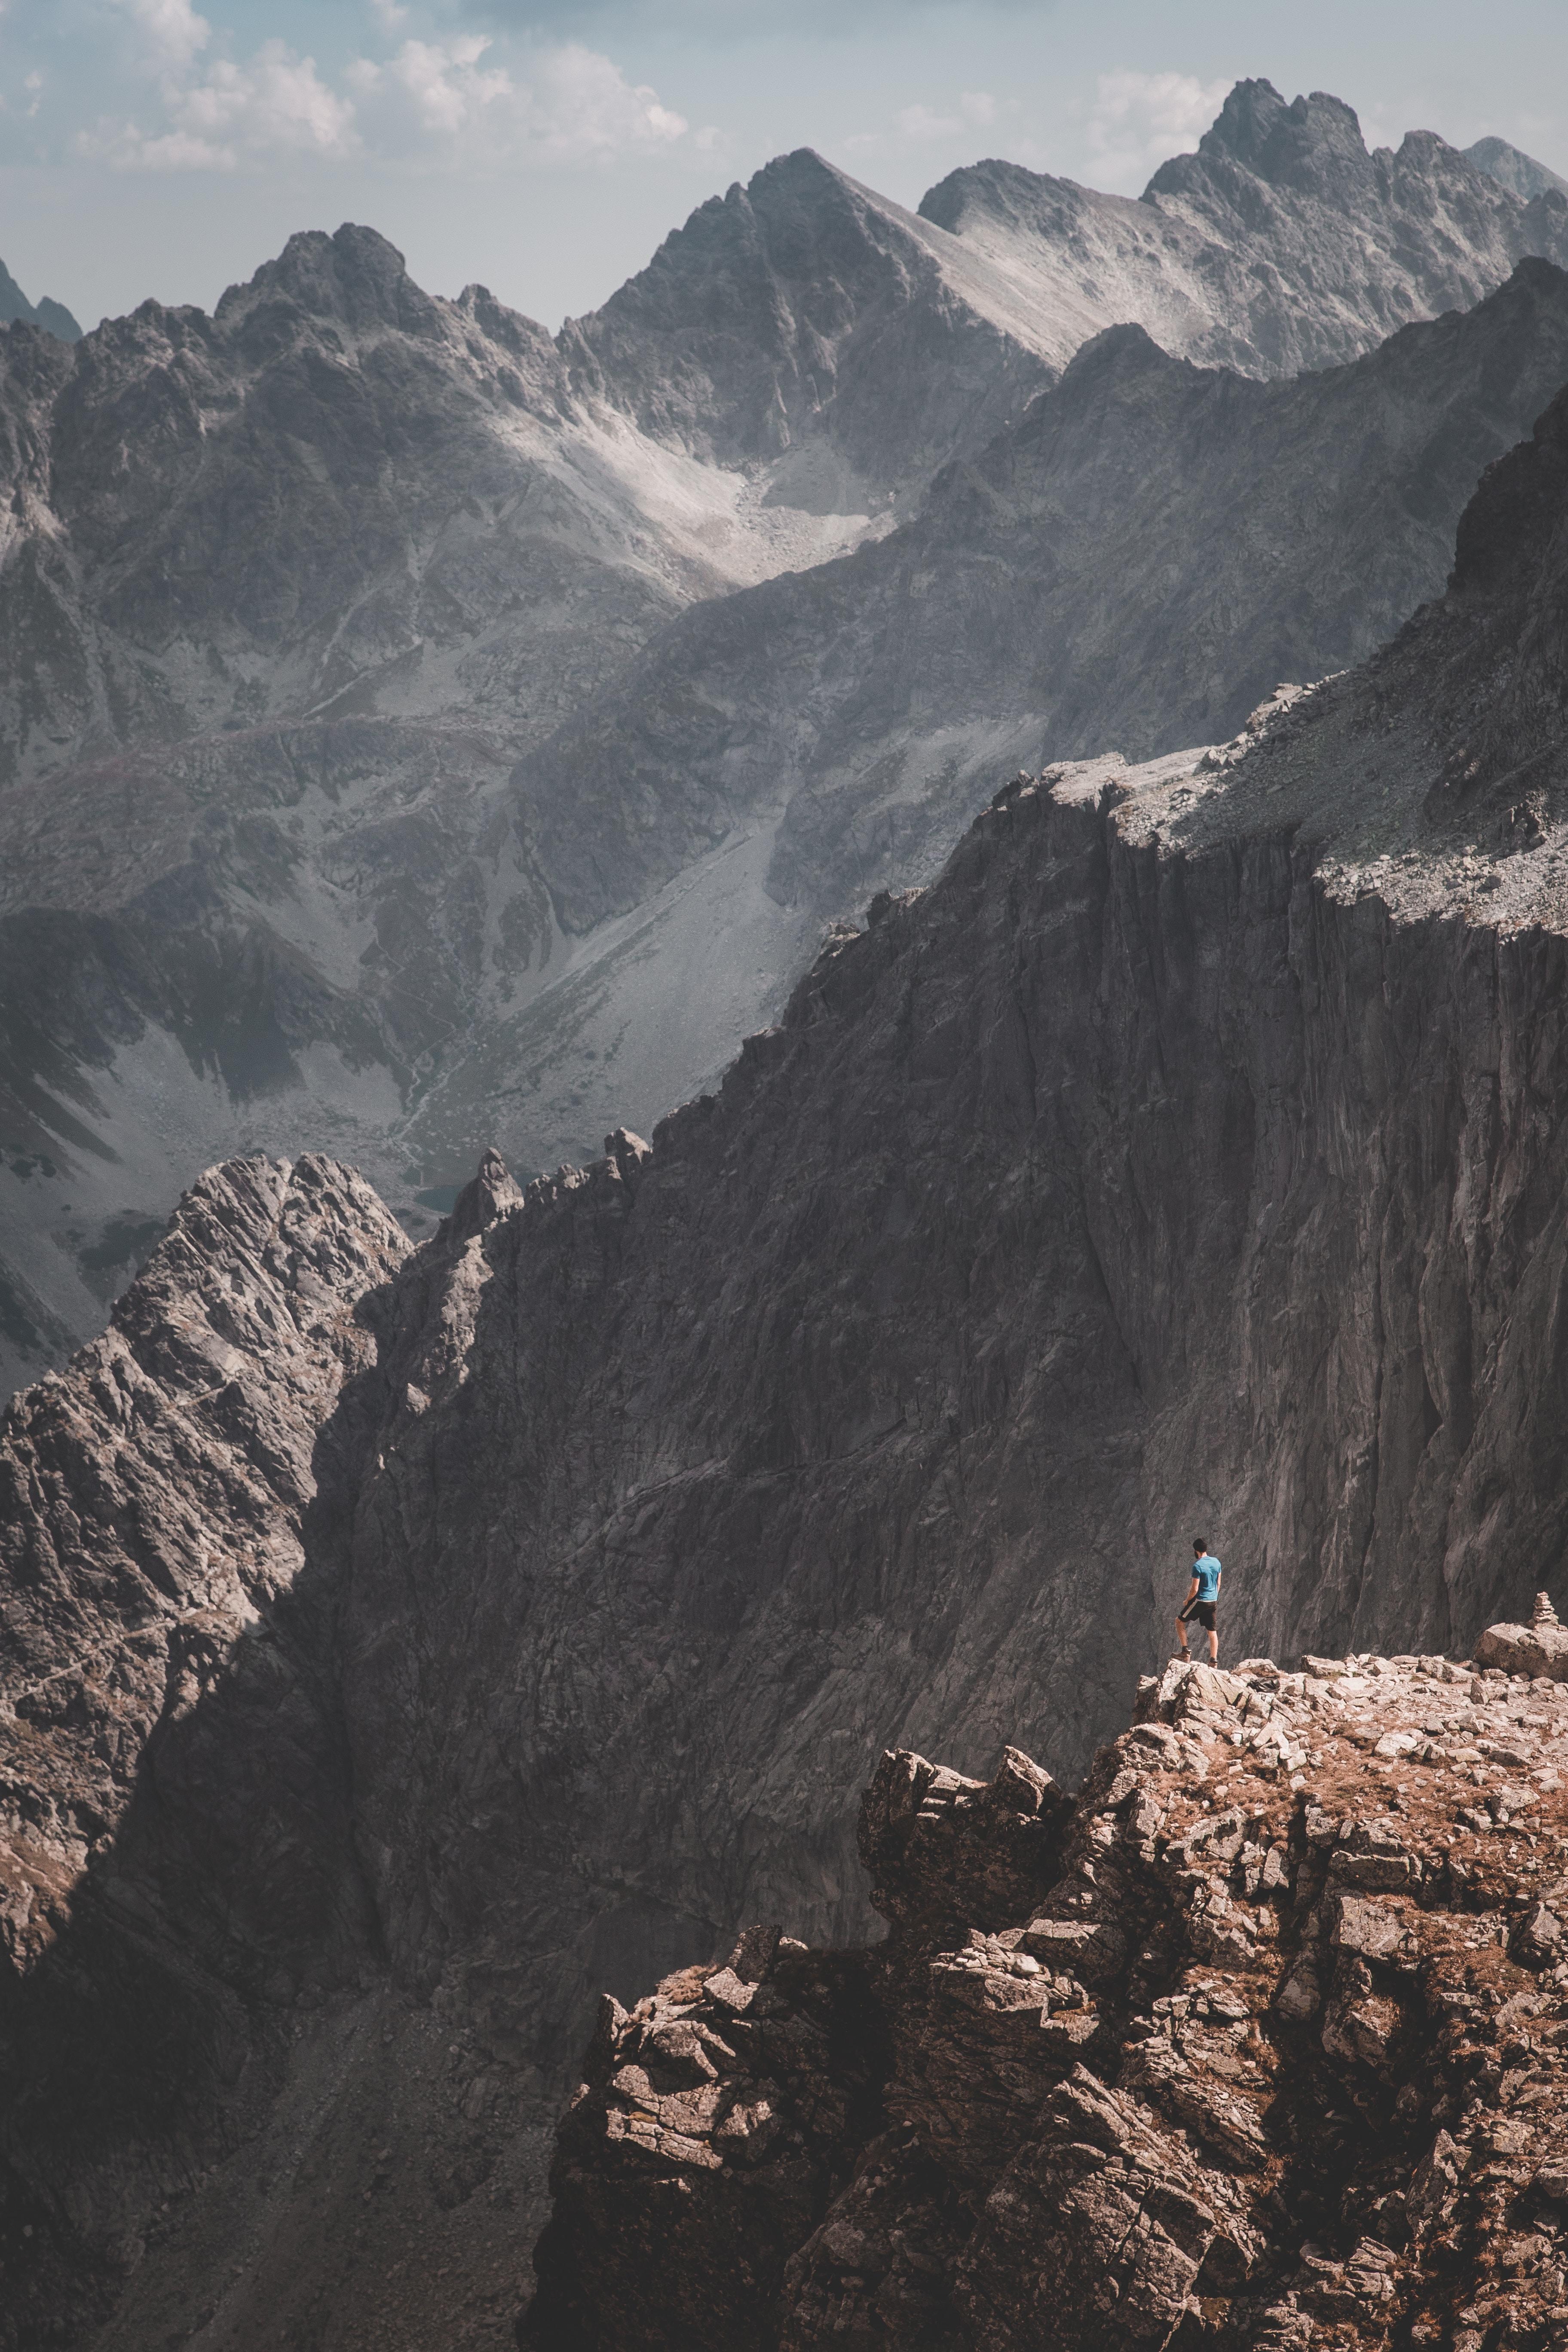 148302 скачать обои Скалы, Человек, Одиночество, Природа, Горы - заставки и картинки бесплатно